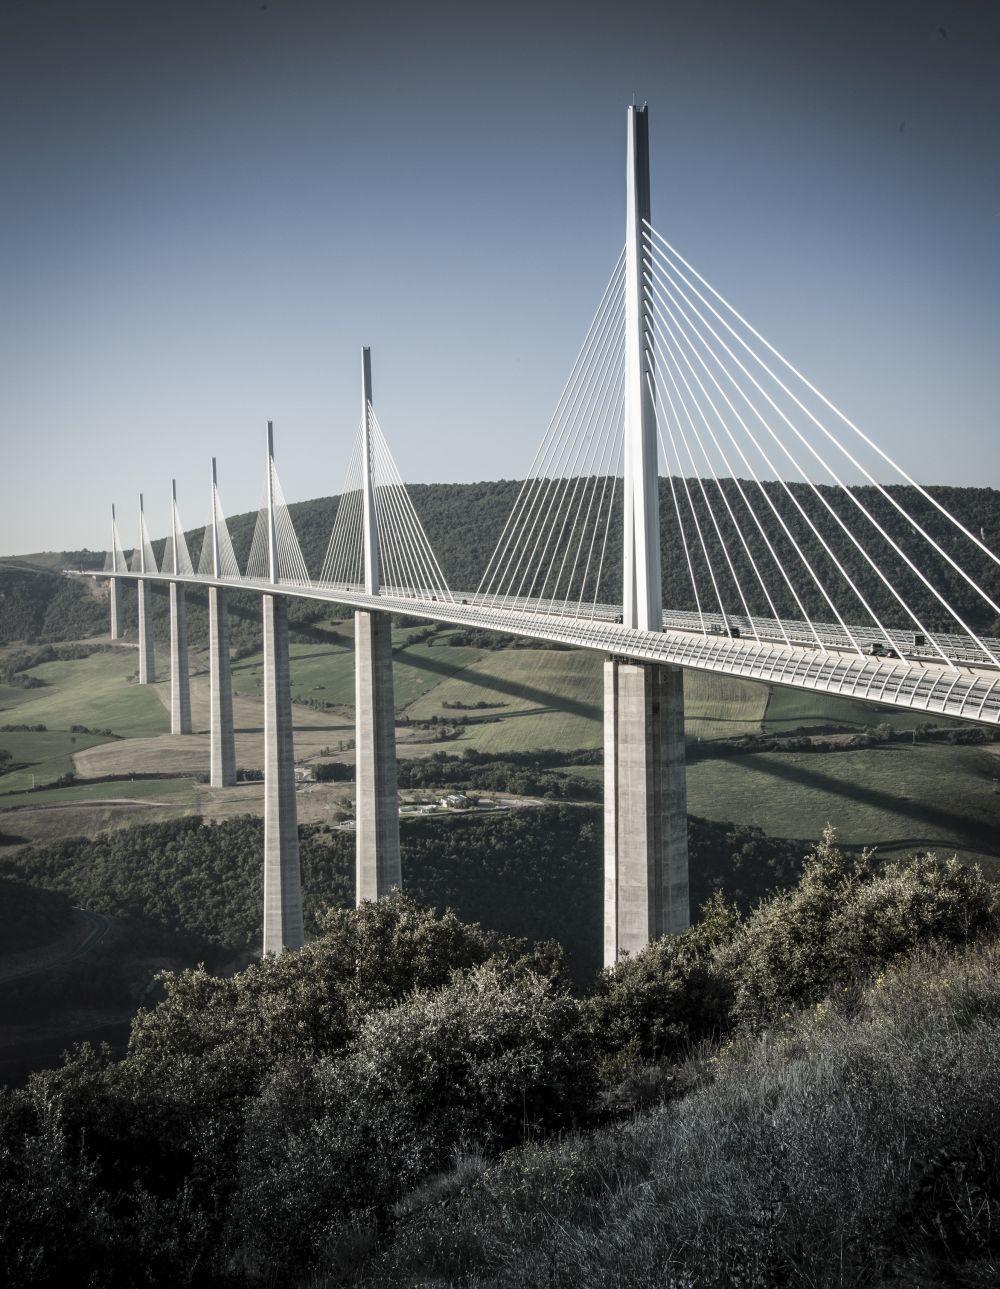 El viaducto de Millau es el puente más alto de Europa y lleva el...